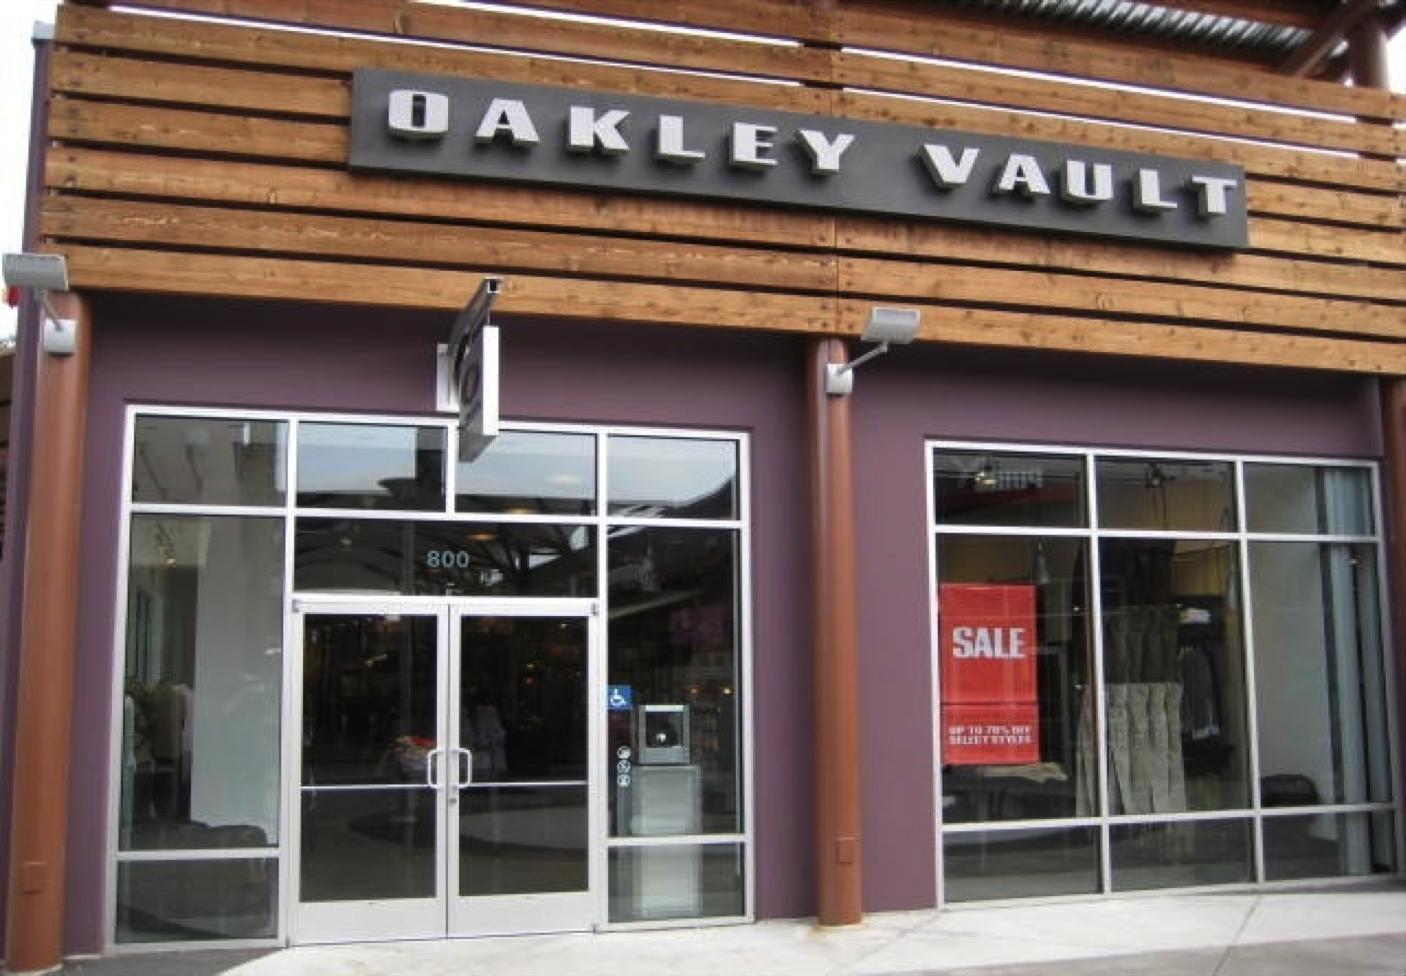 oakley outlet seattle